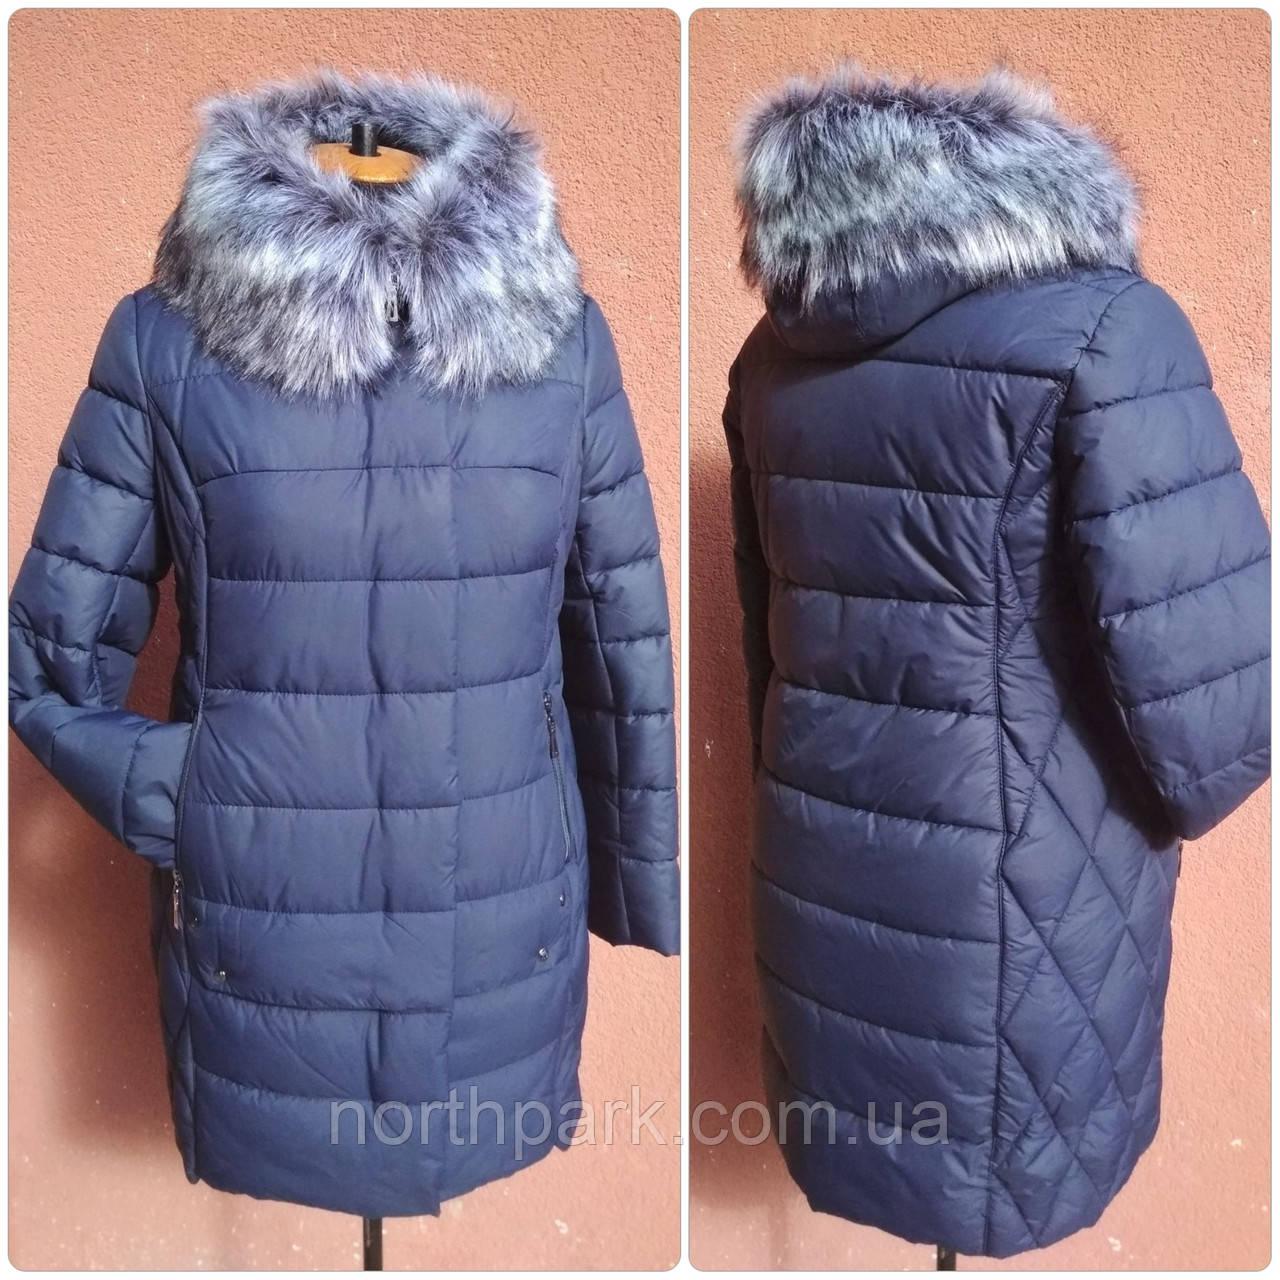 Куртка женская тёплая длинная Даки синяя, большие размеры